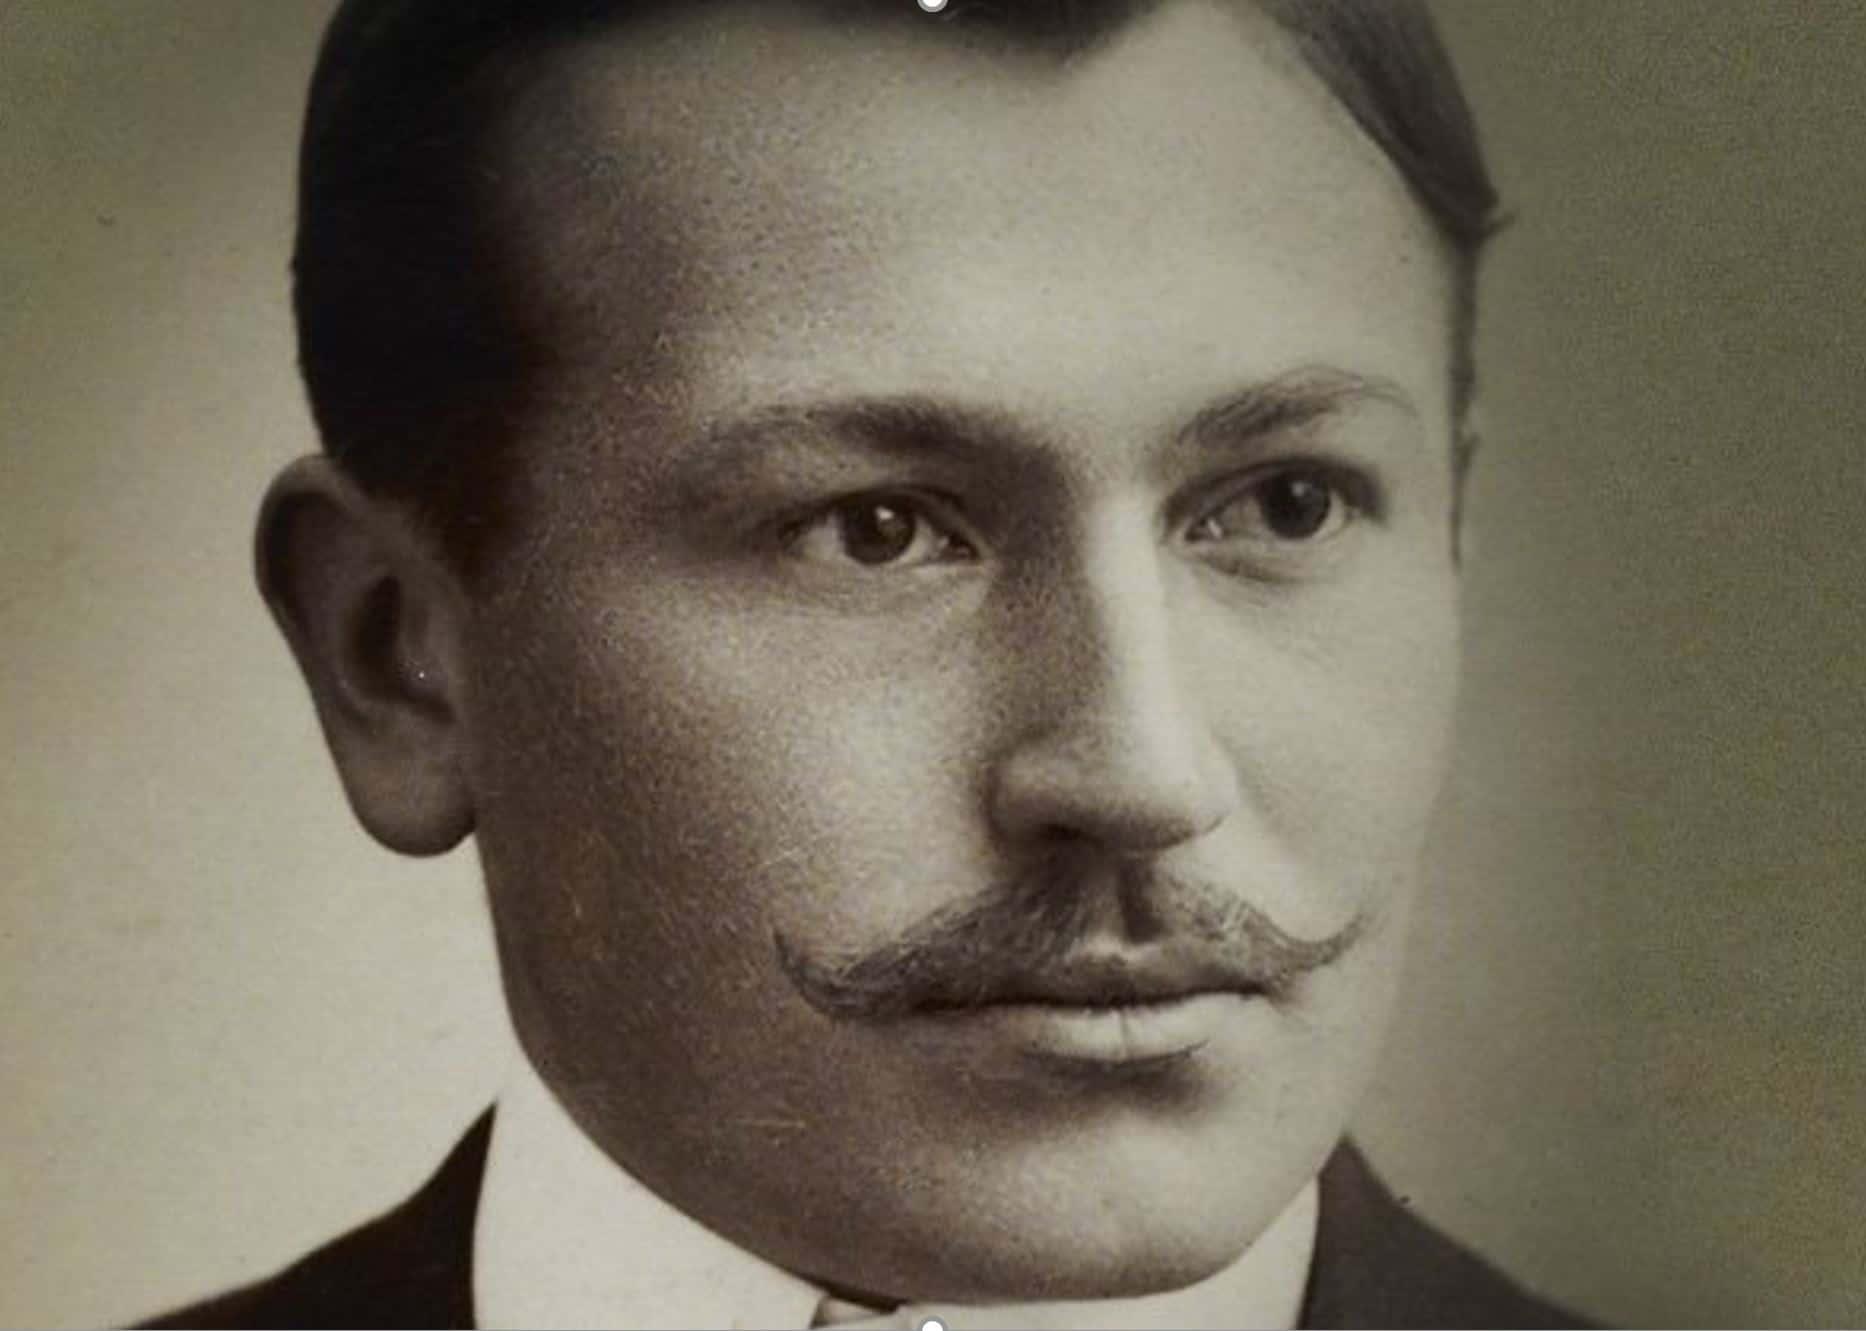 Hans Wilsdorf in jungen Jahre war ein sprachgewandter Mann mit gutem Auftreten.